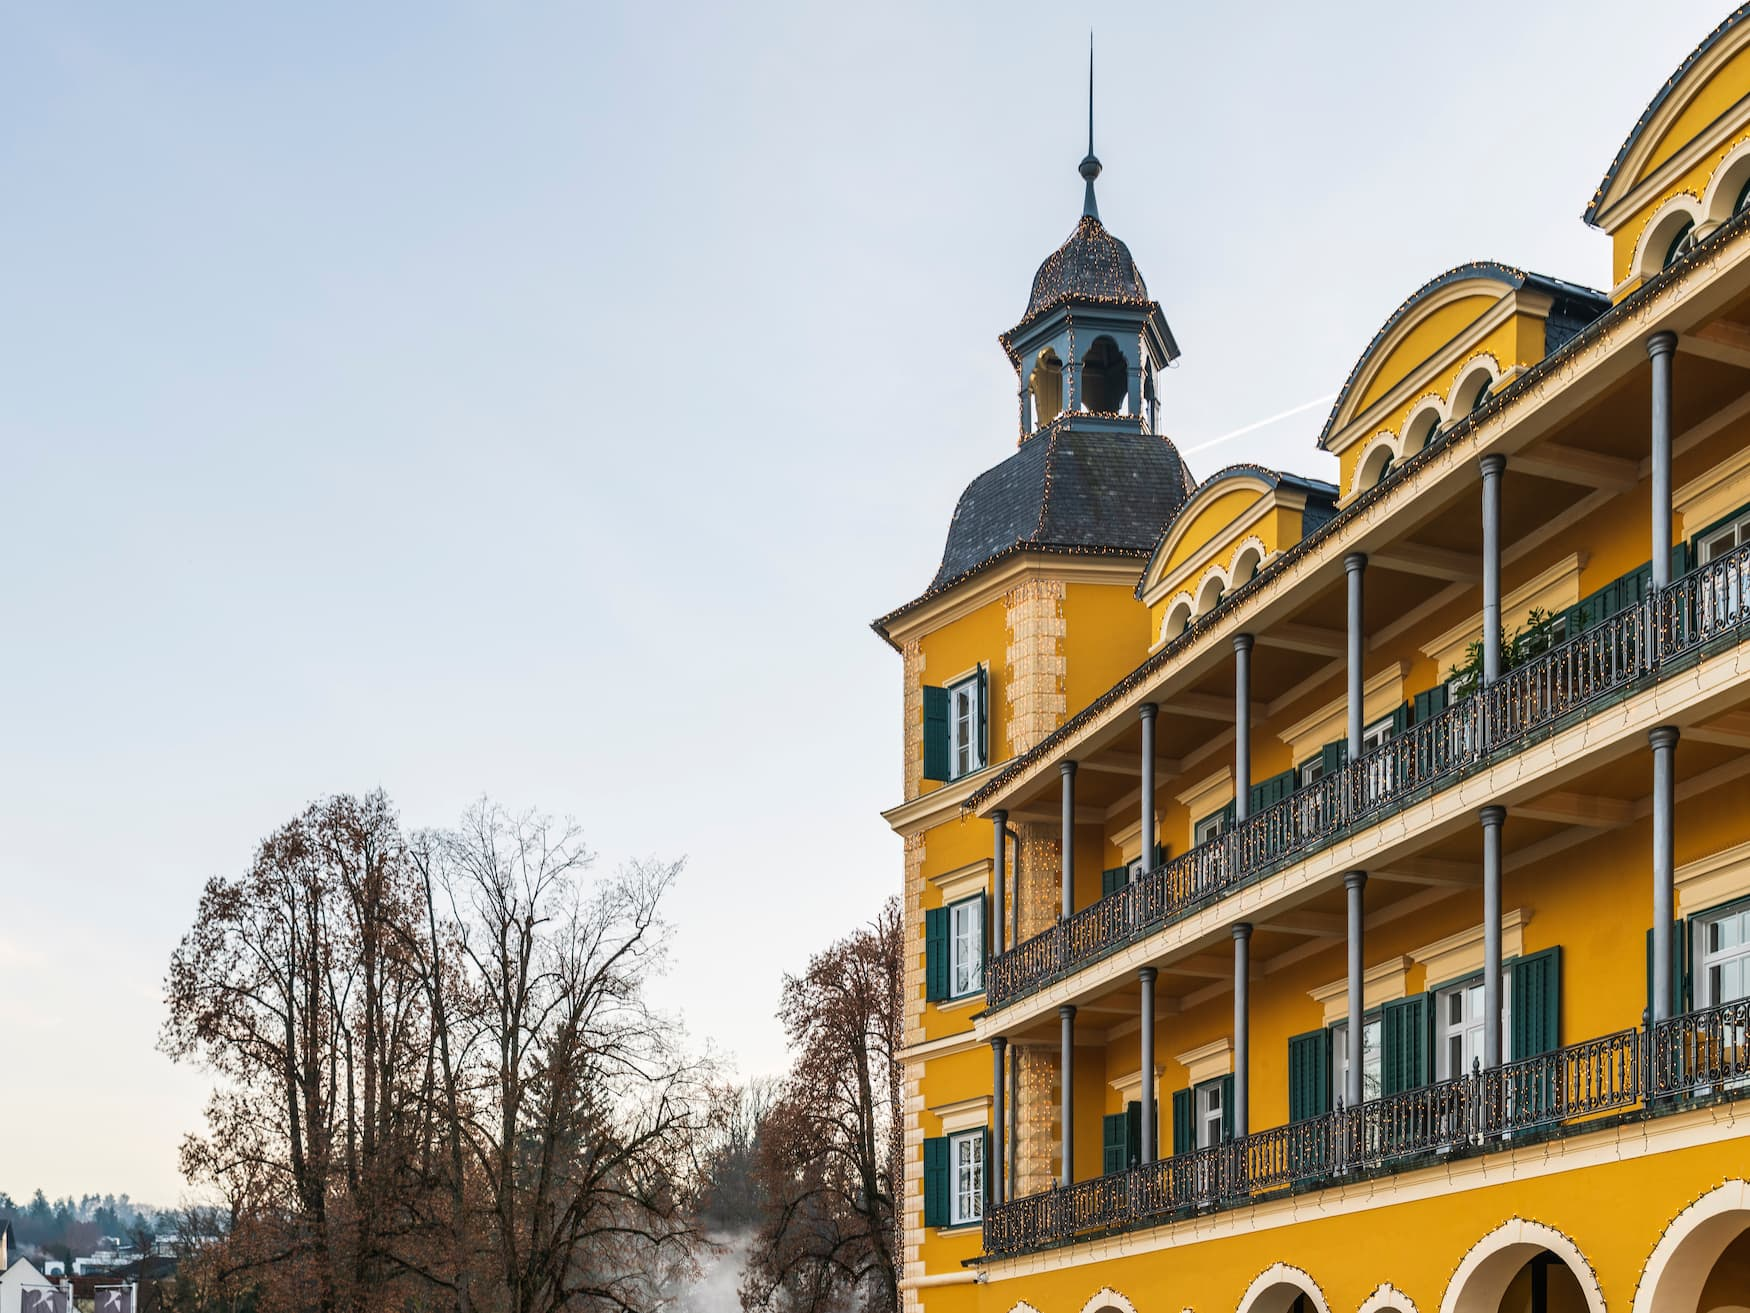 Außenfassade de Falkensteiner Schlosshotel Velden